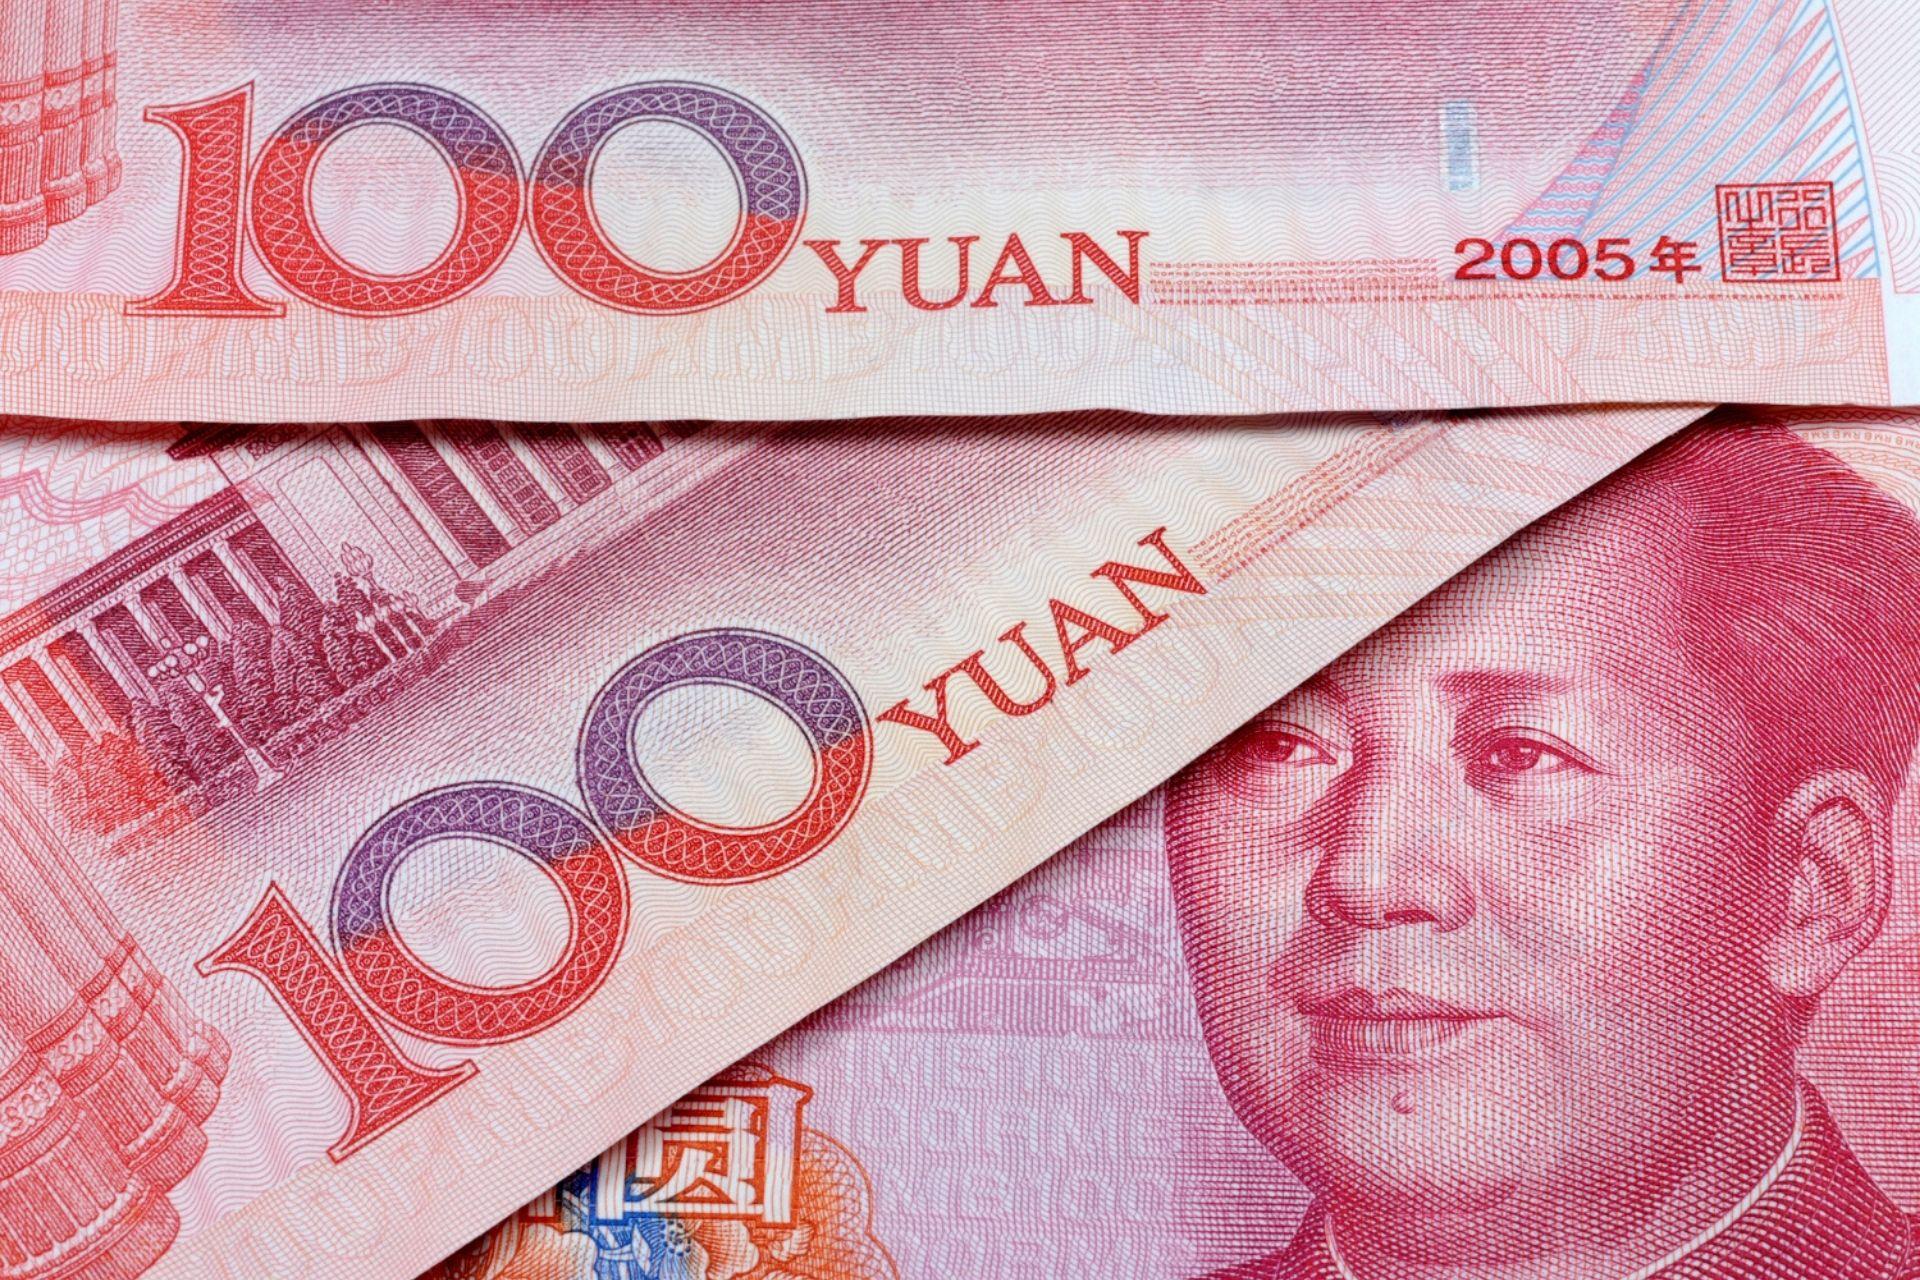 En China, realizan el primer pago de salarios utilizando el yuan digital y tecnología blockchain, mientras que el Banco Central explica las características de las billeteras para la moneda digital